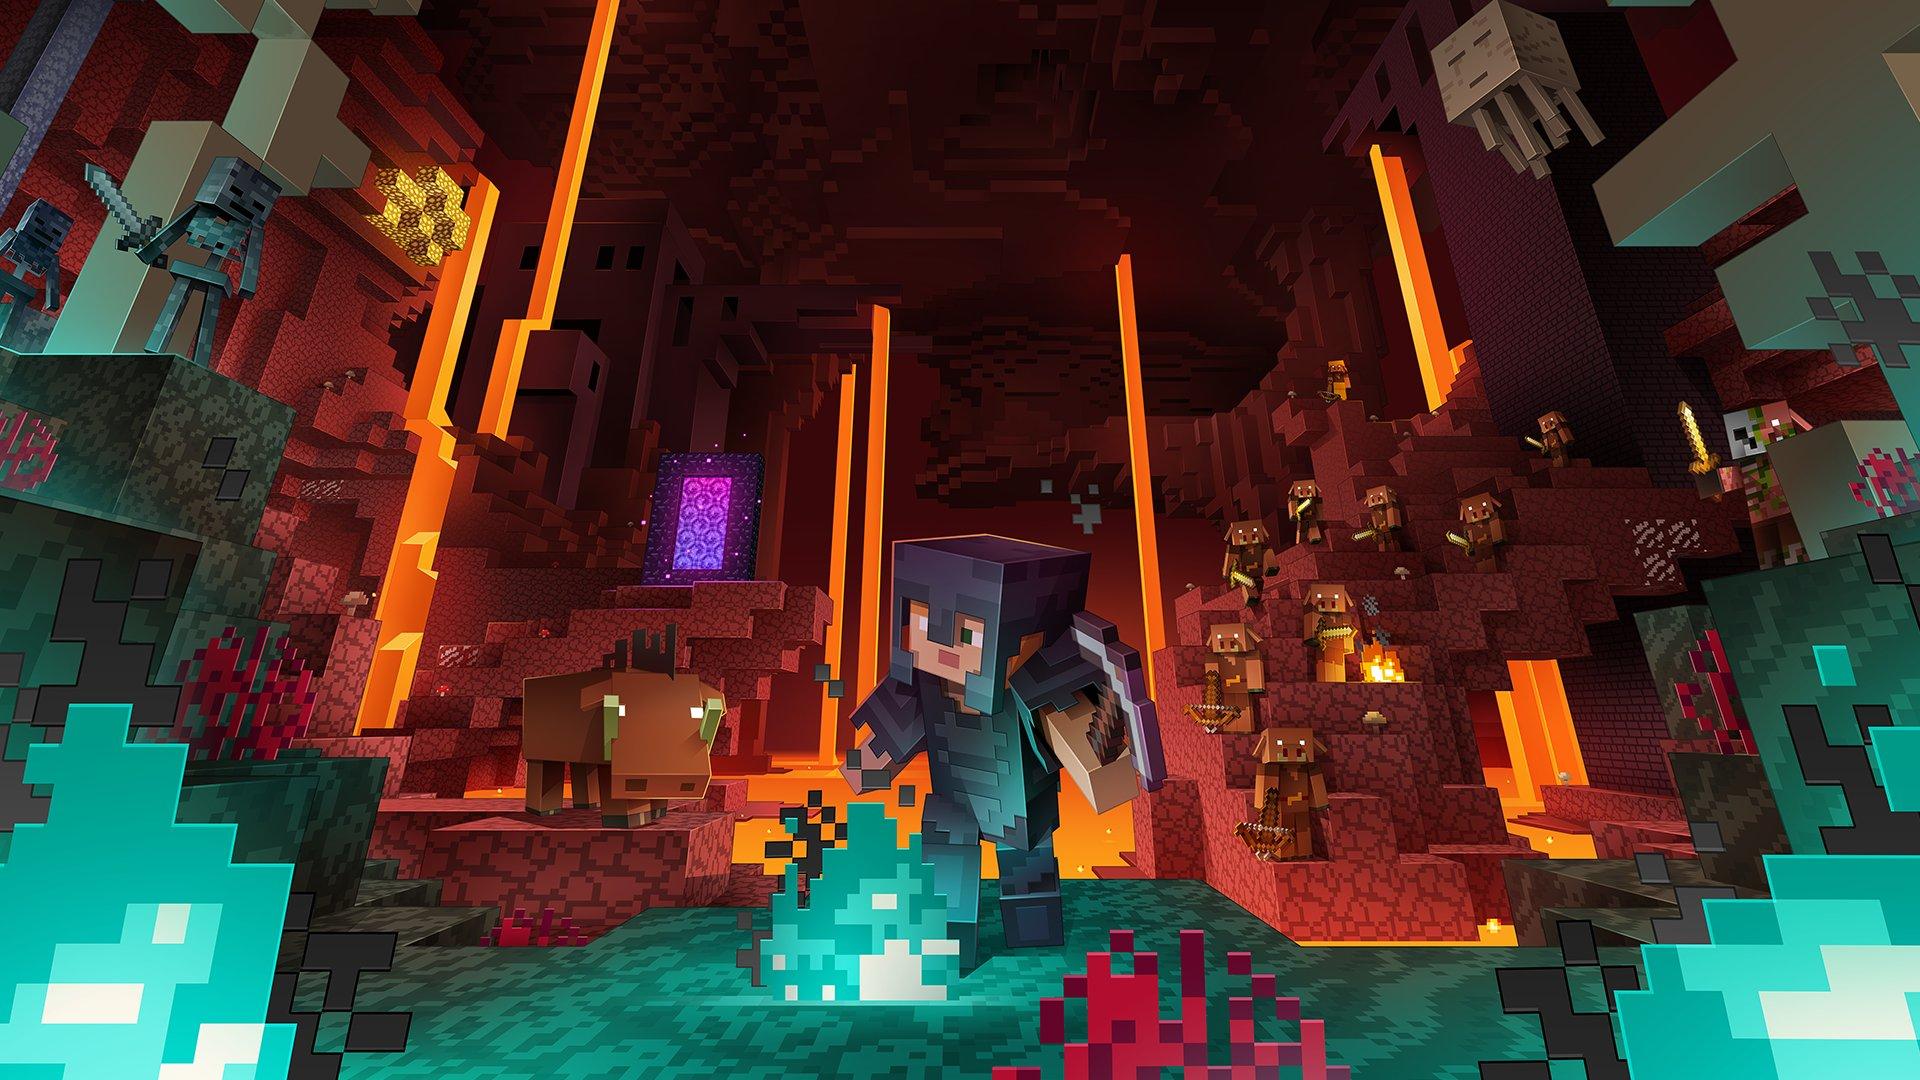 Minecraft - Nether Update